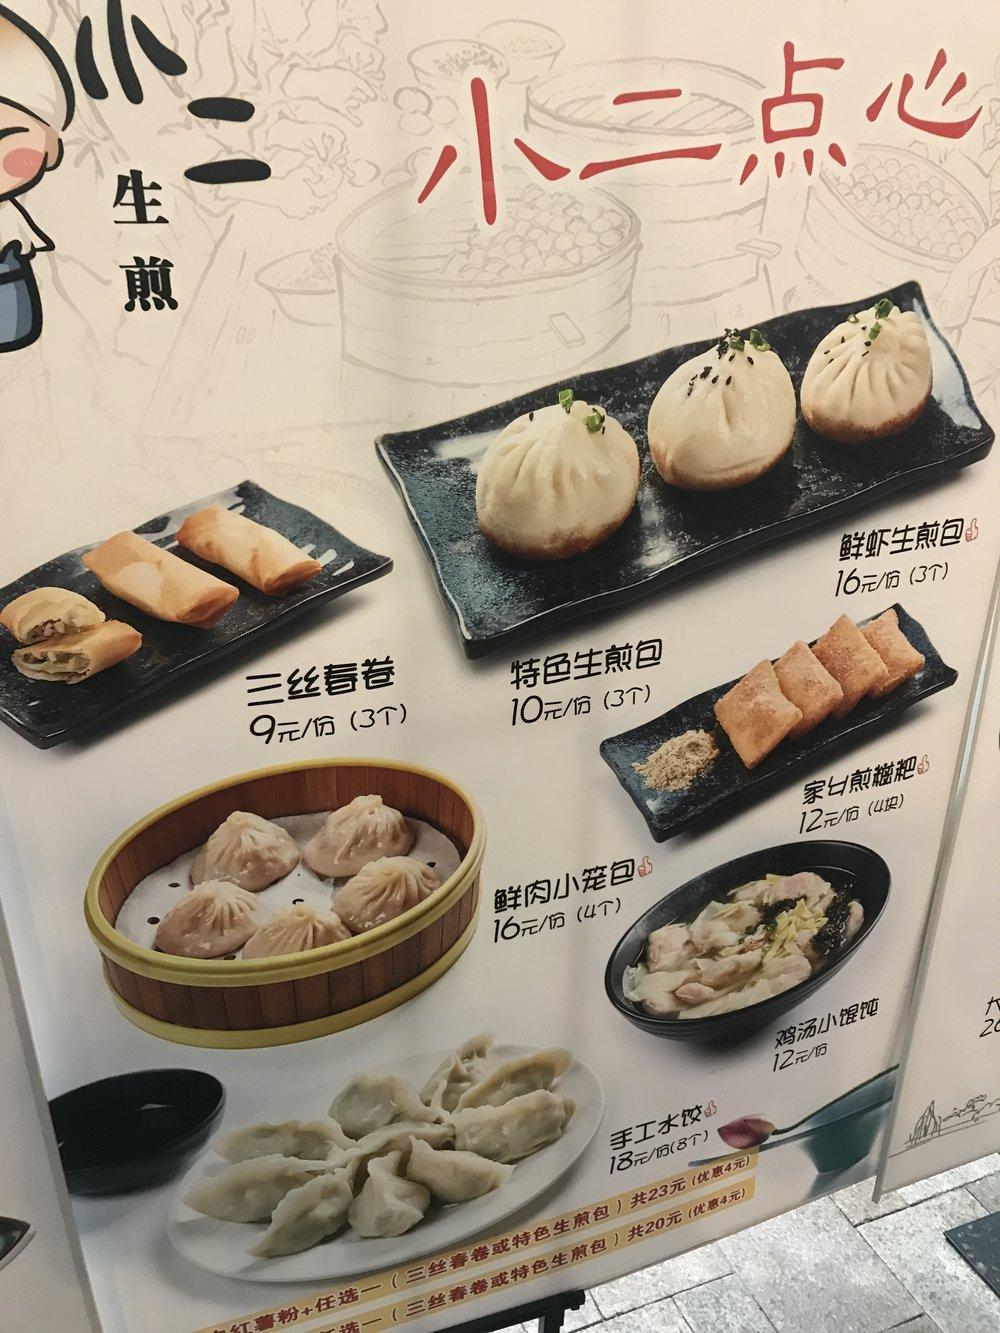 china-picture-menu-2.jpg